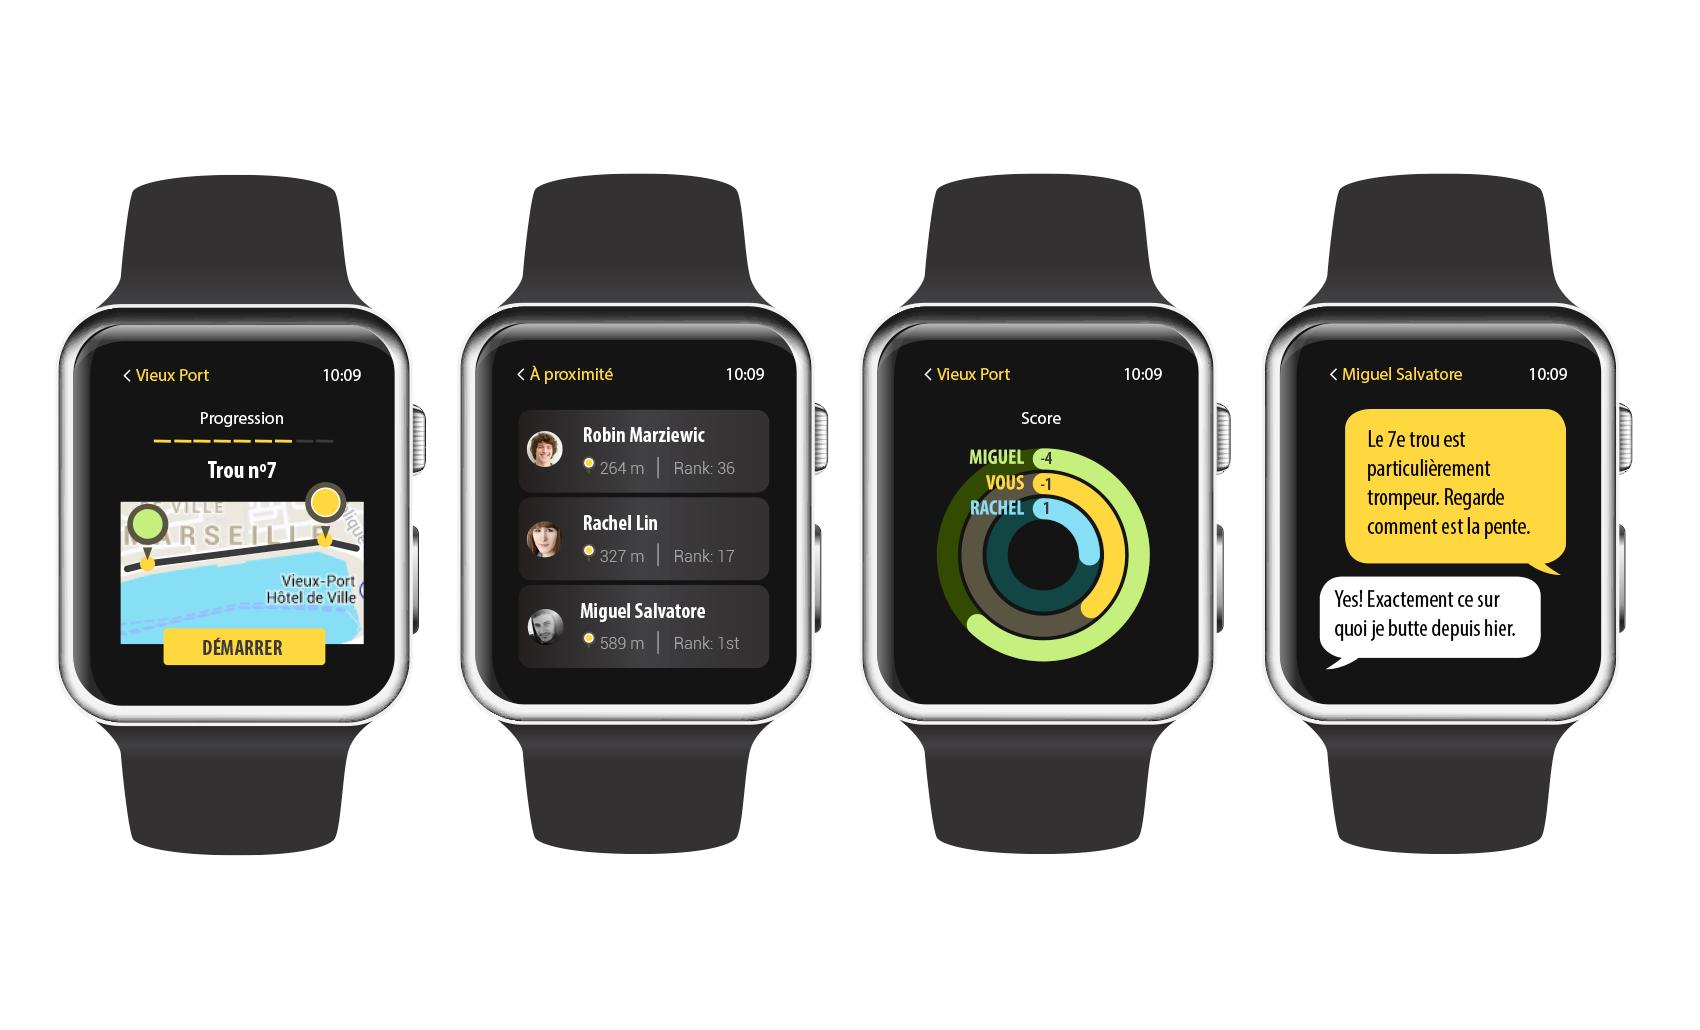 Street Golf watch app'